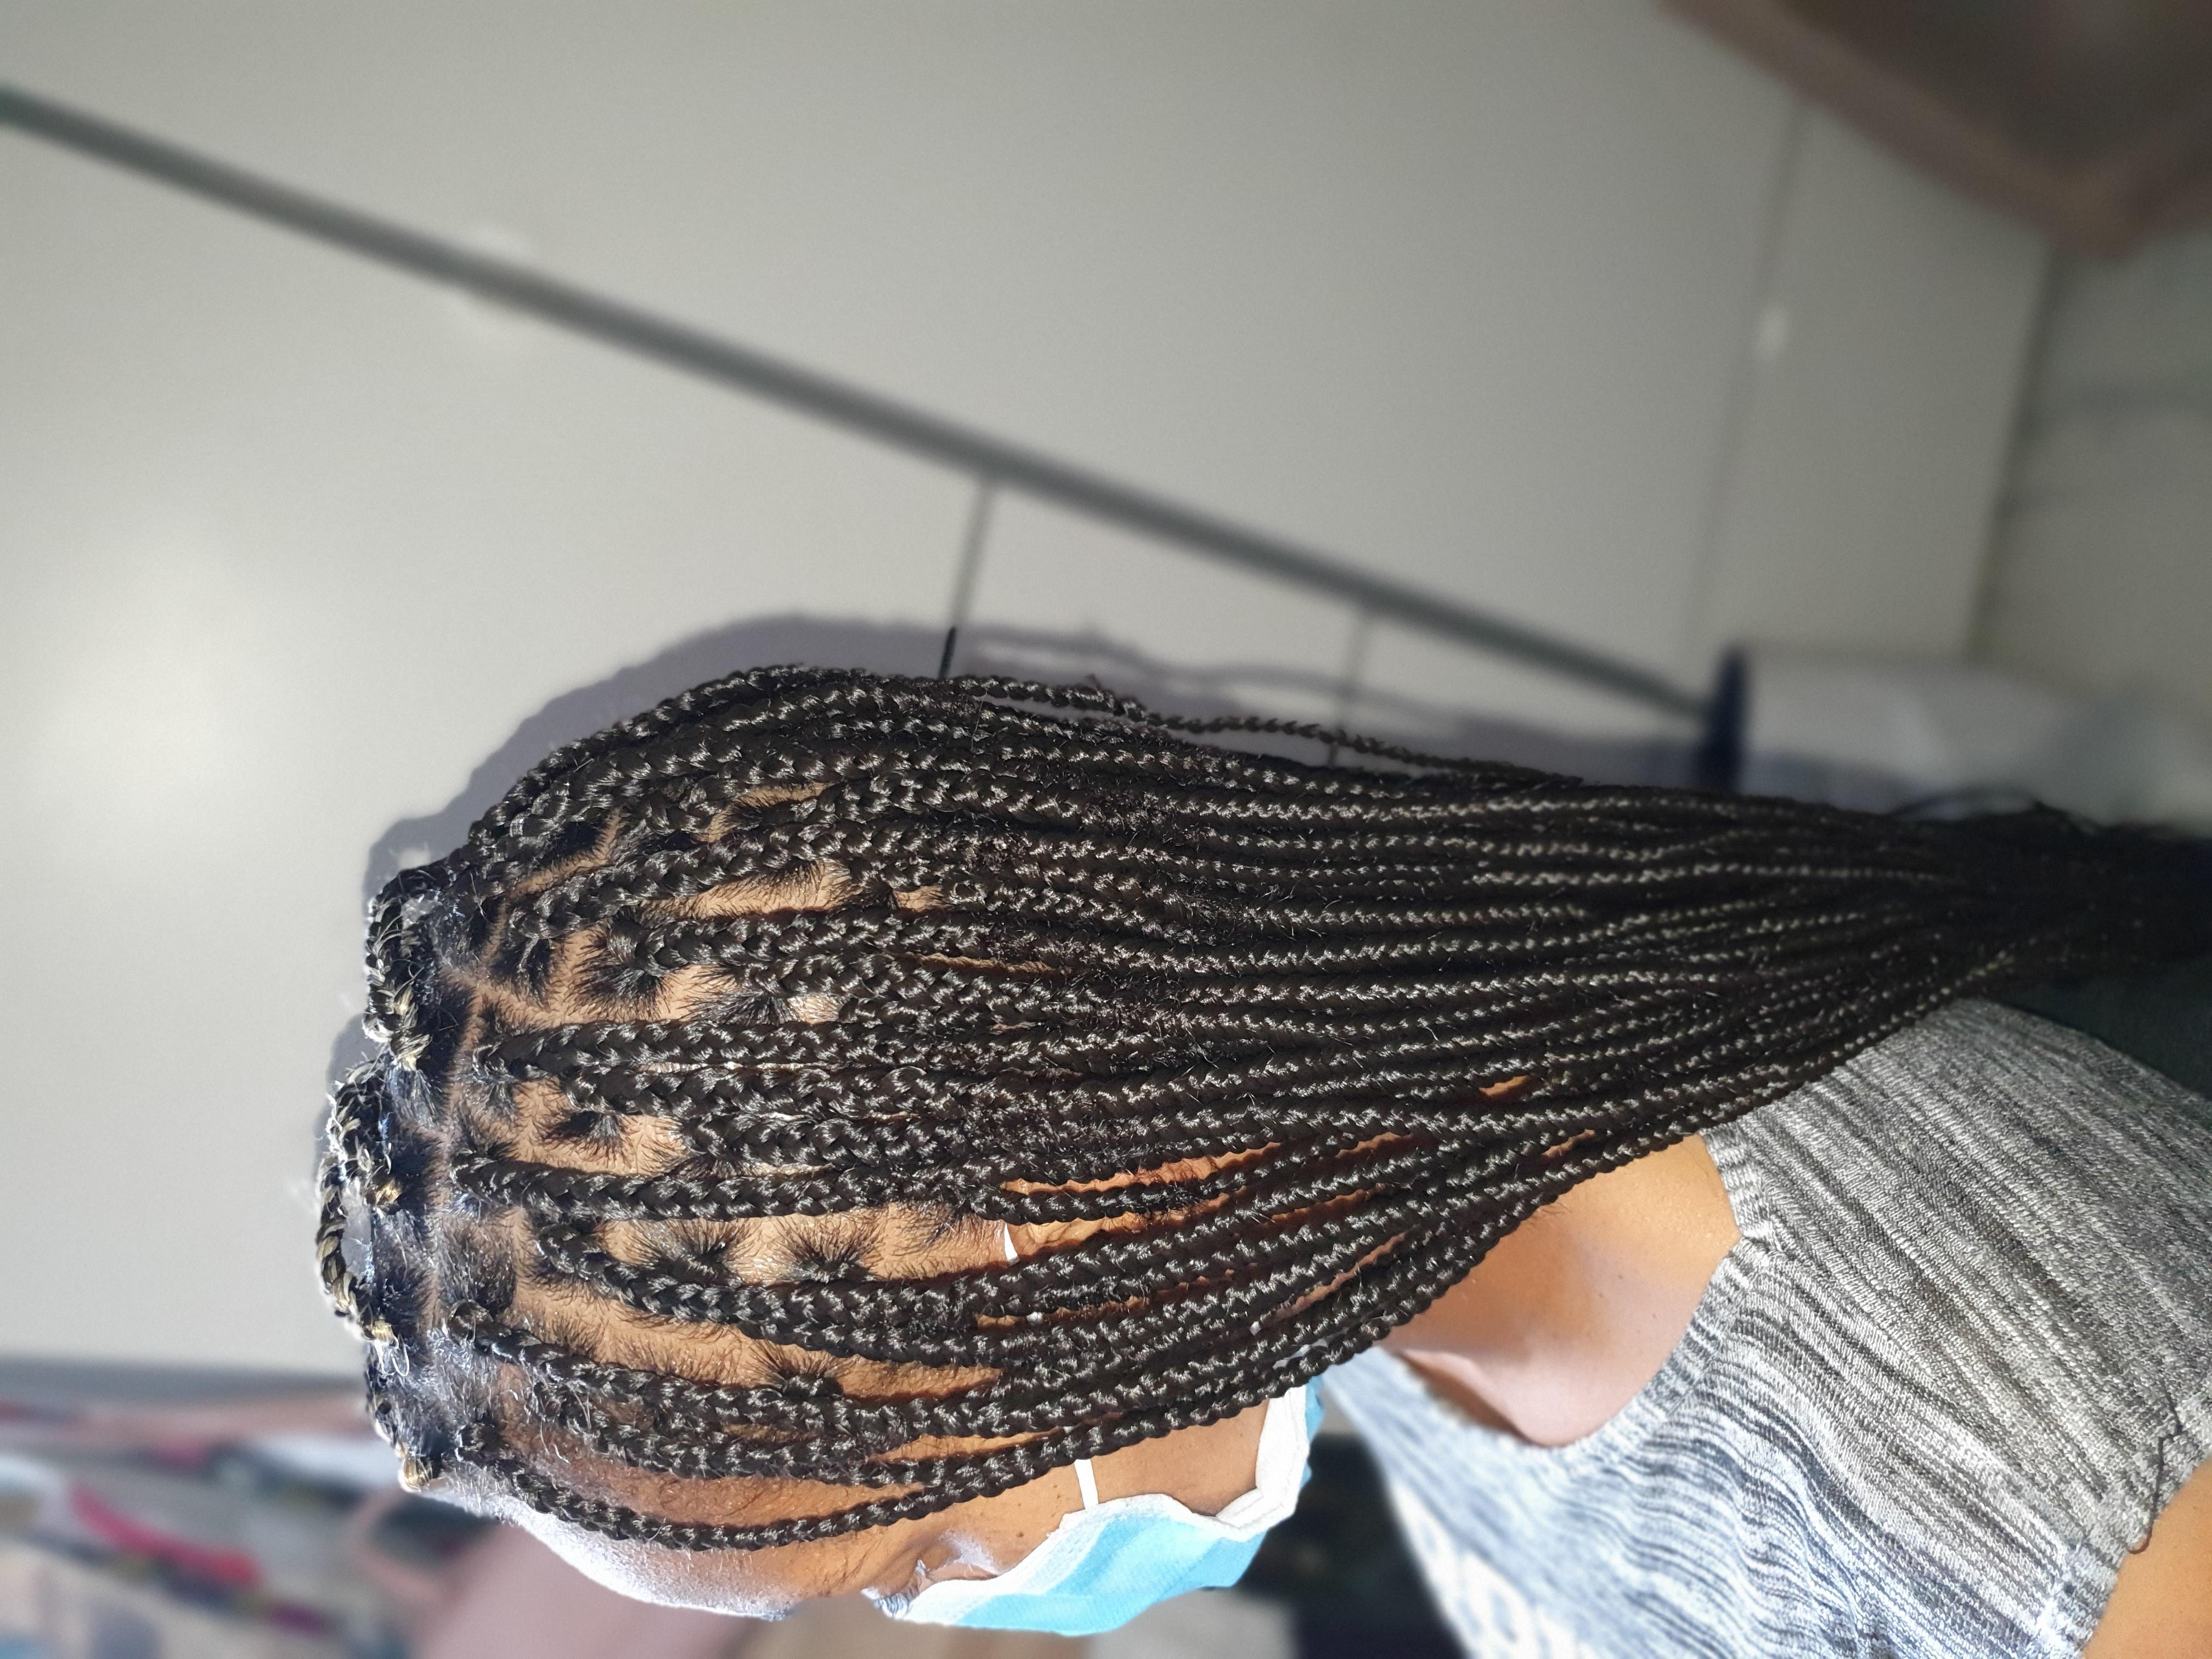 salon de coiffure afro tresse tresses box braids crochet braids vanilles tissages paris 75 77 78 91 92 93 94 95 GZYZKRPX